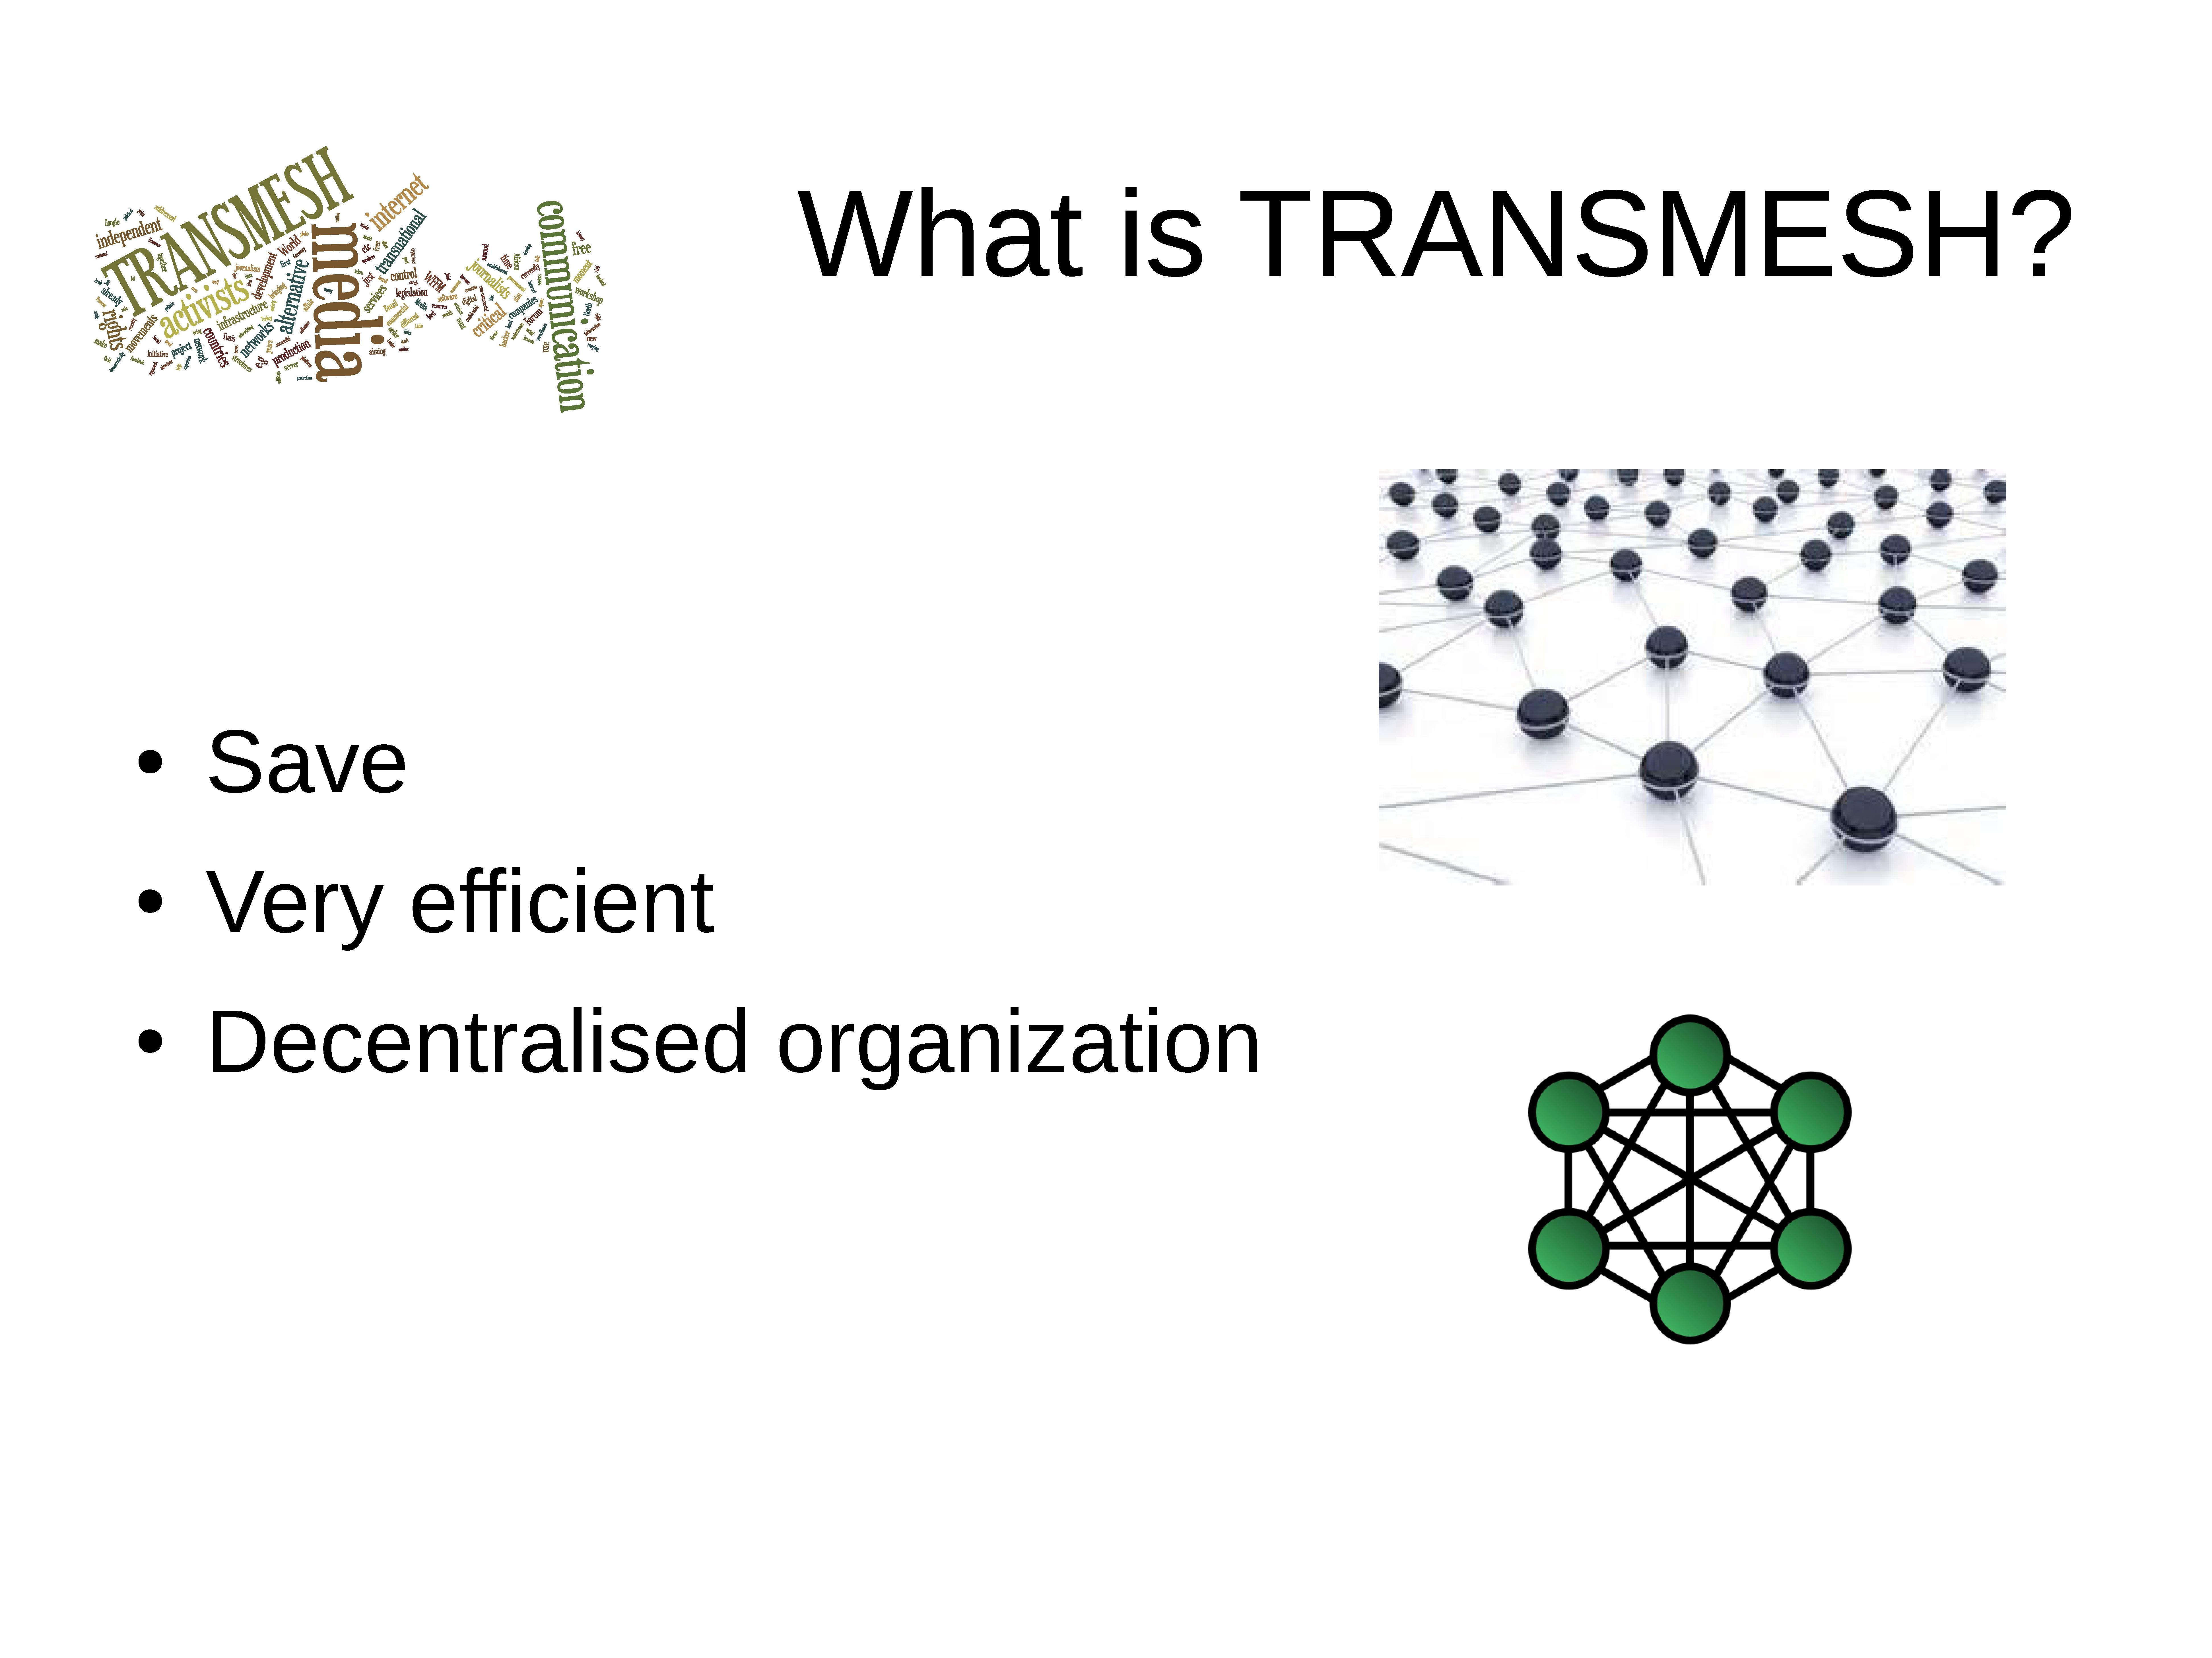 TRANSMESH Page  03